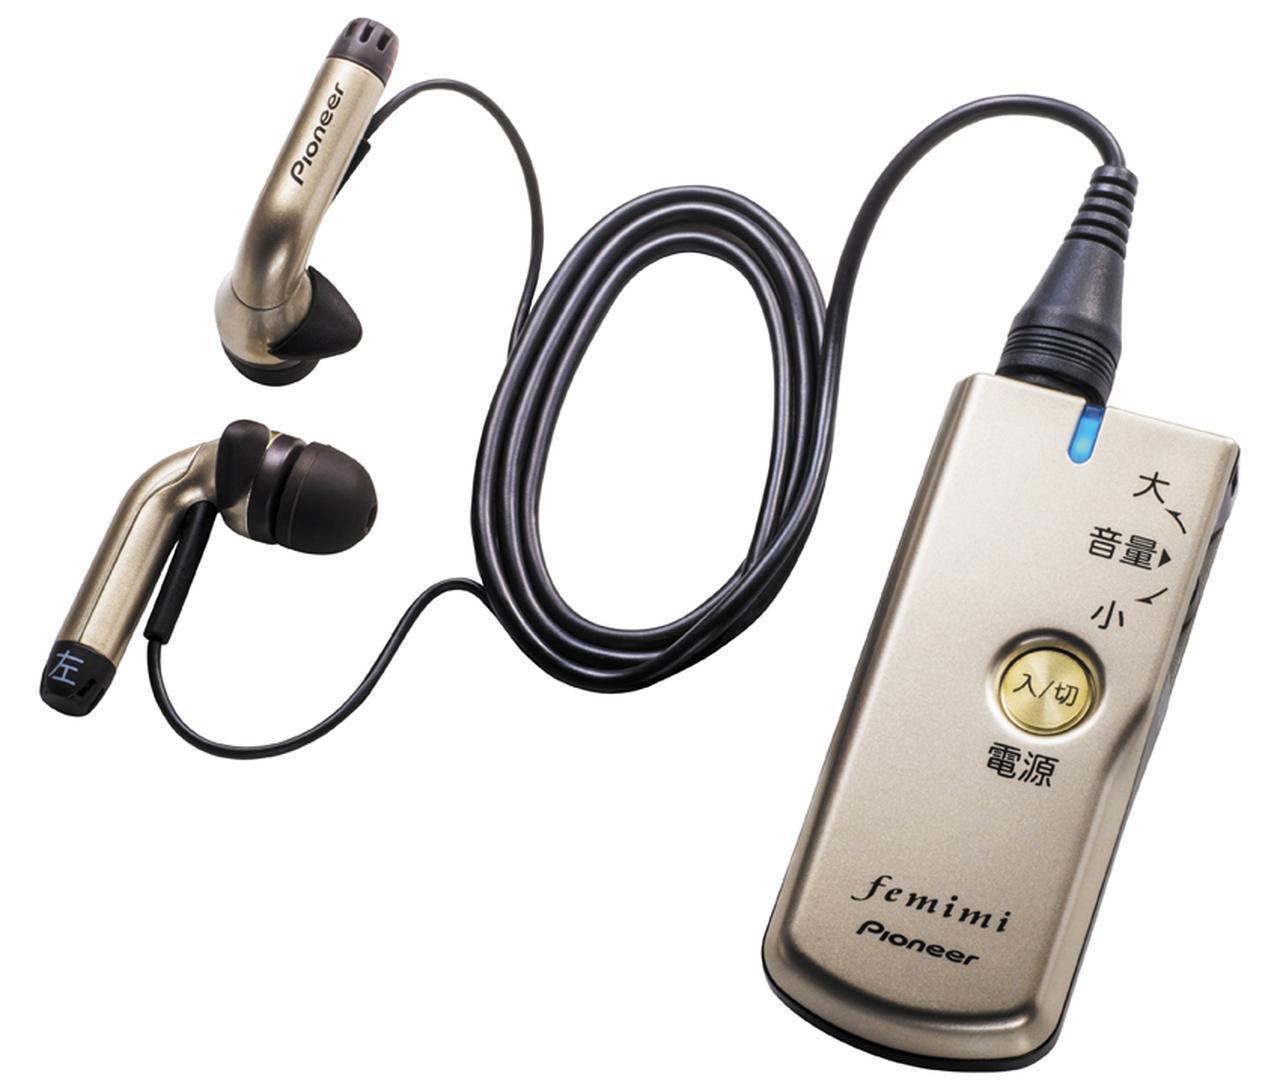 画像: パイオニア VMR-M750 実売価格例:2万4880円